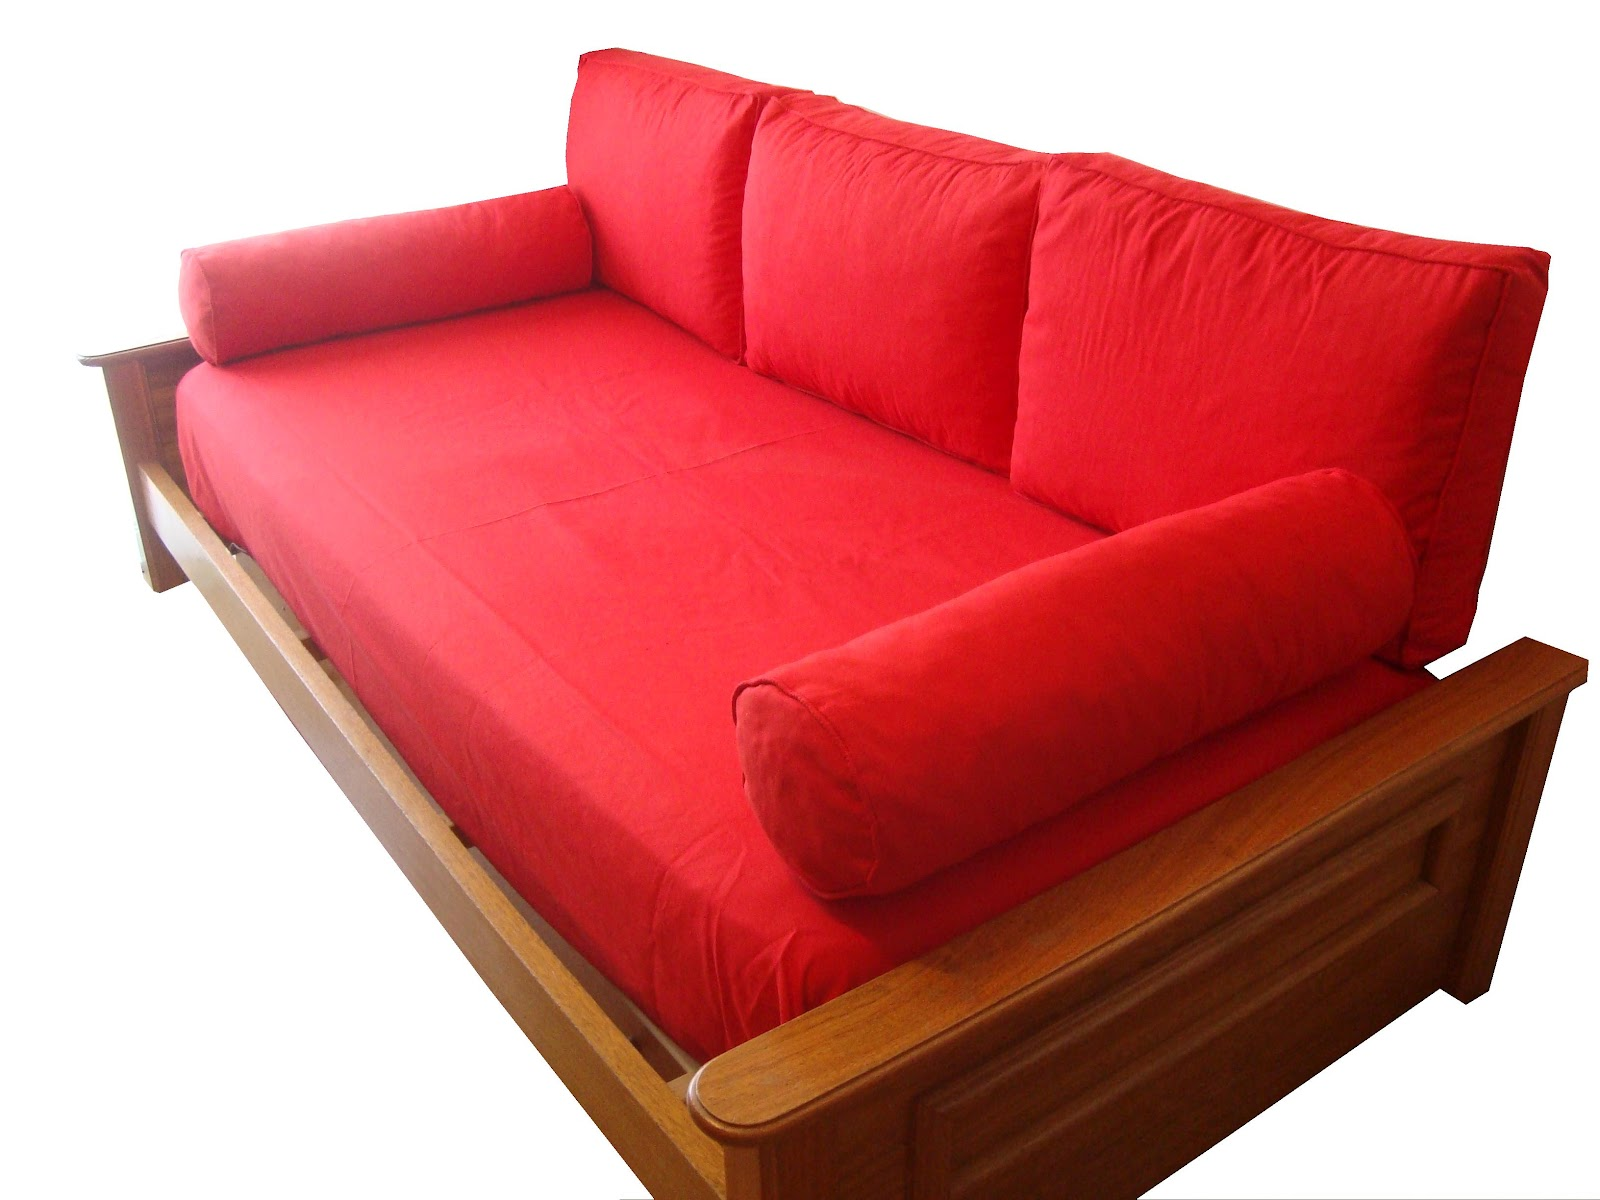 V ndeco design kits de fundas y almohadones para for Almohadones divan